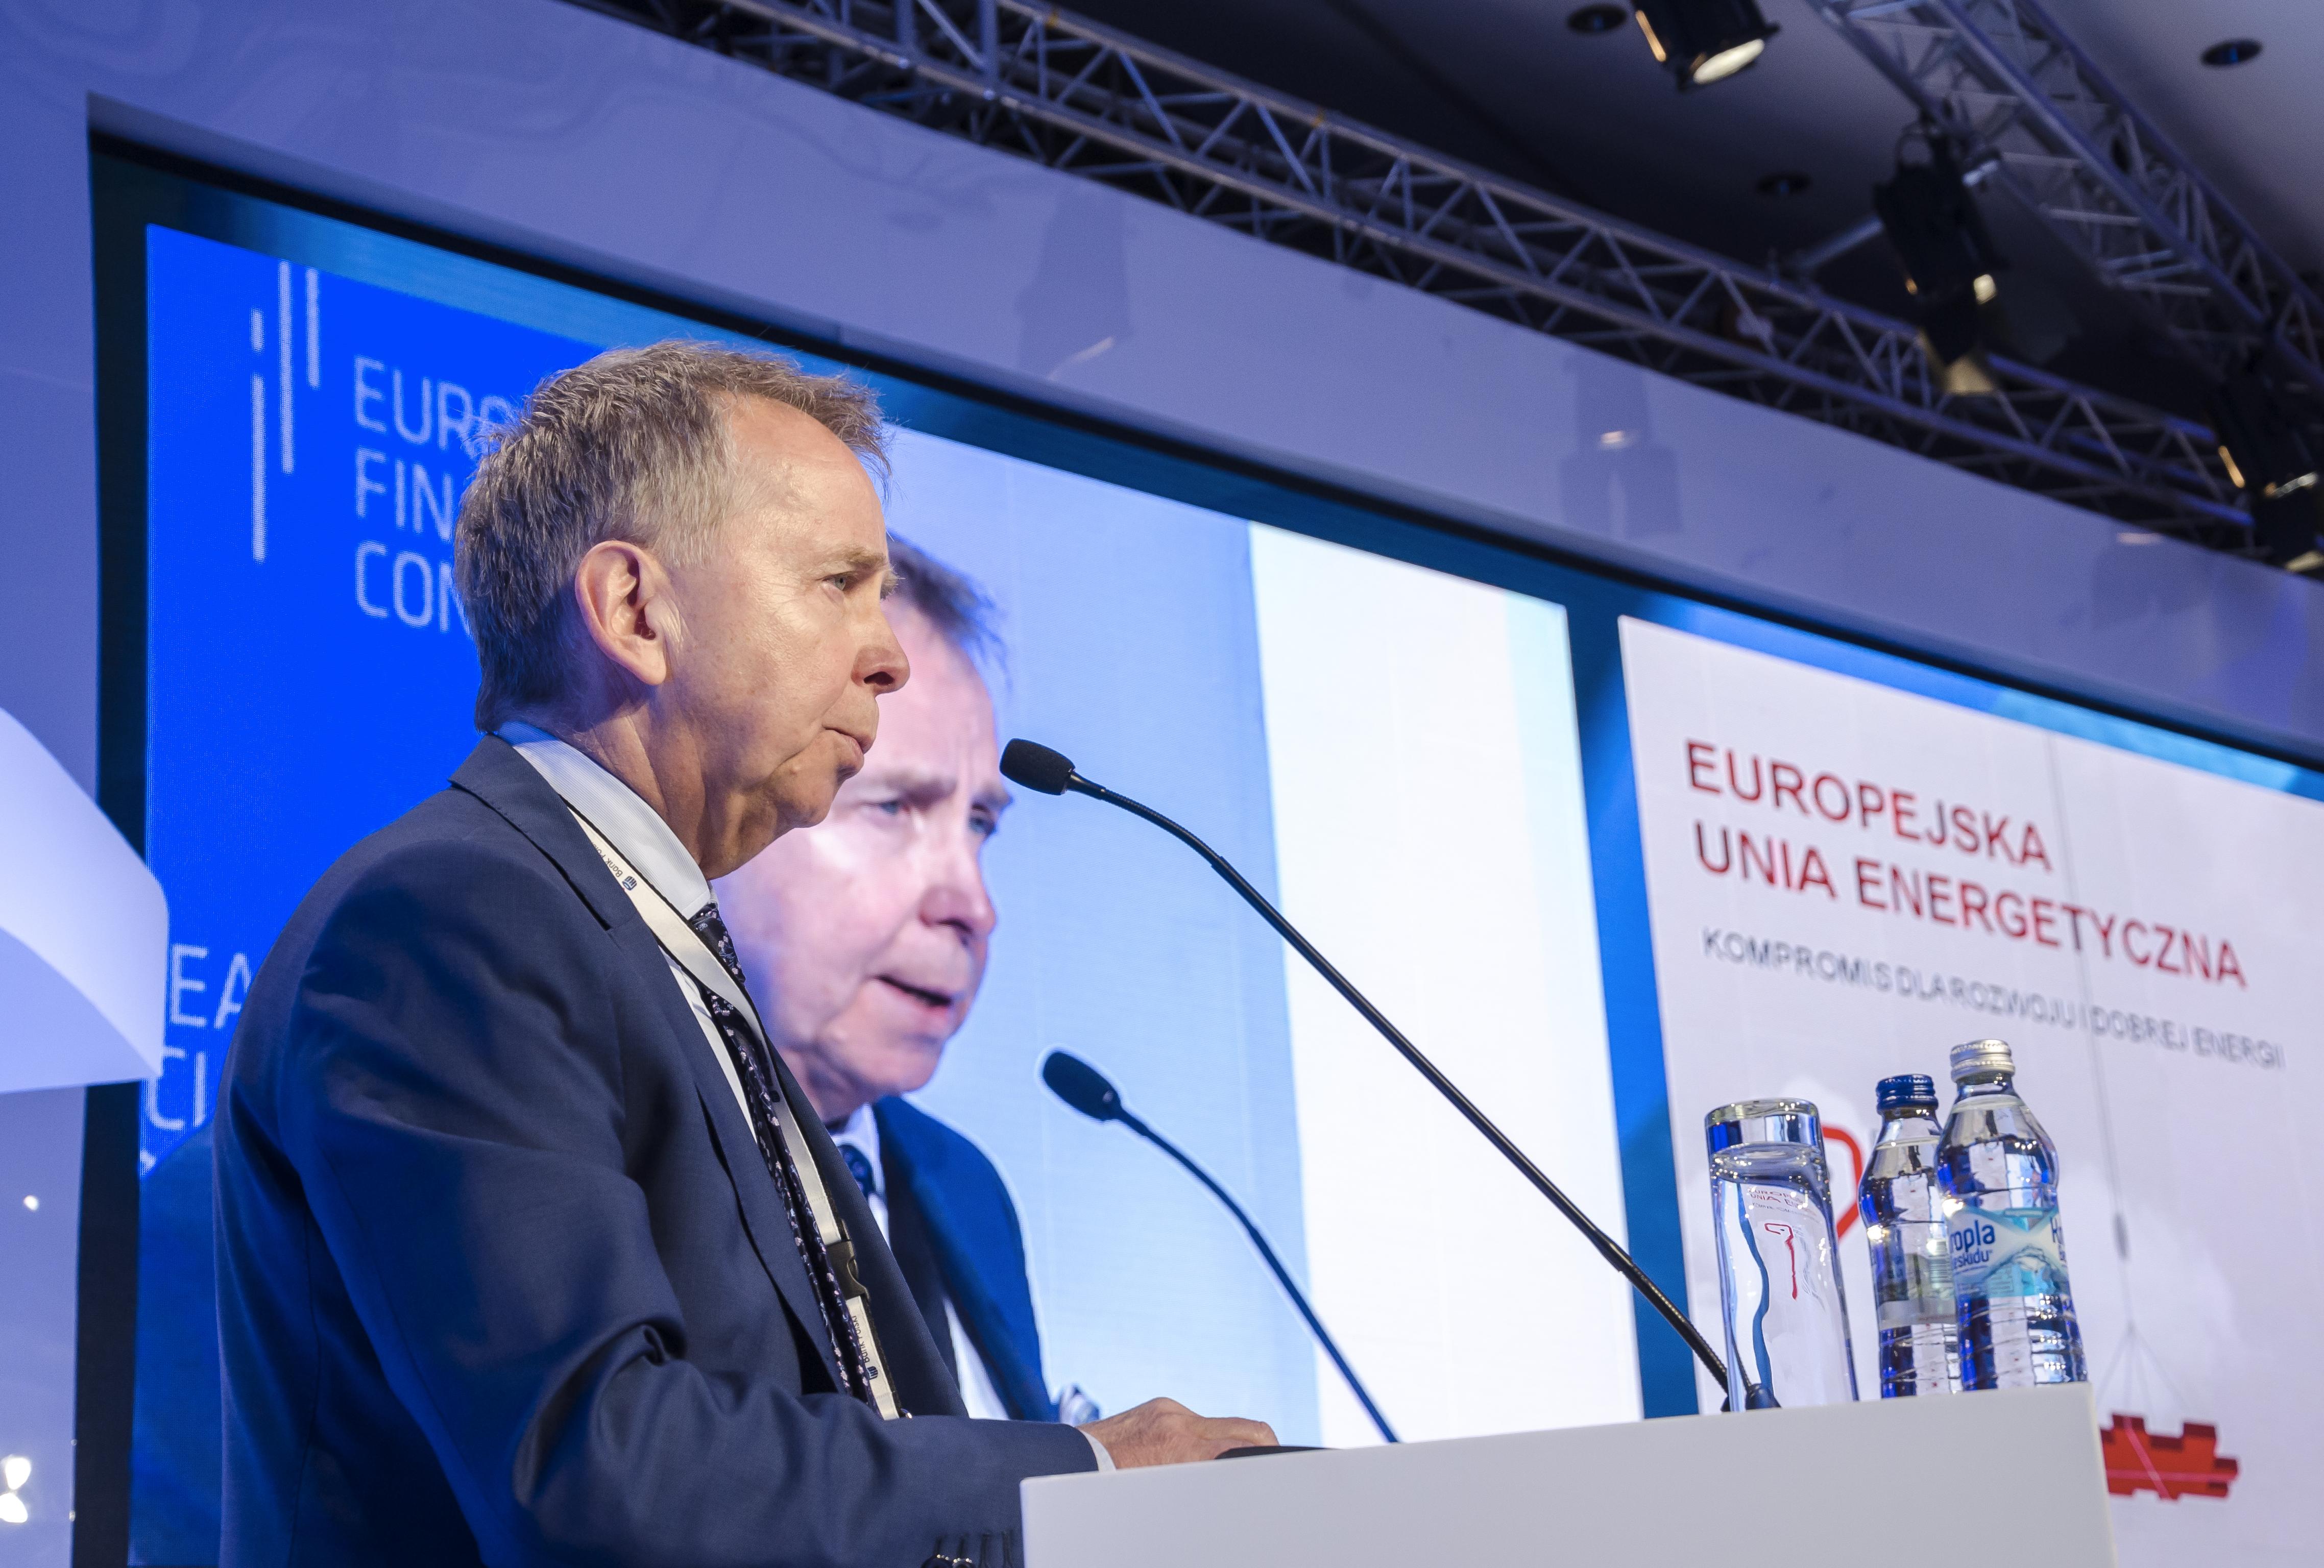 Europejska Unia Energetyczna. Kompromis dla rozwoju i dobrej energii.